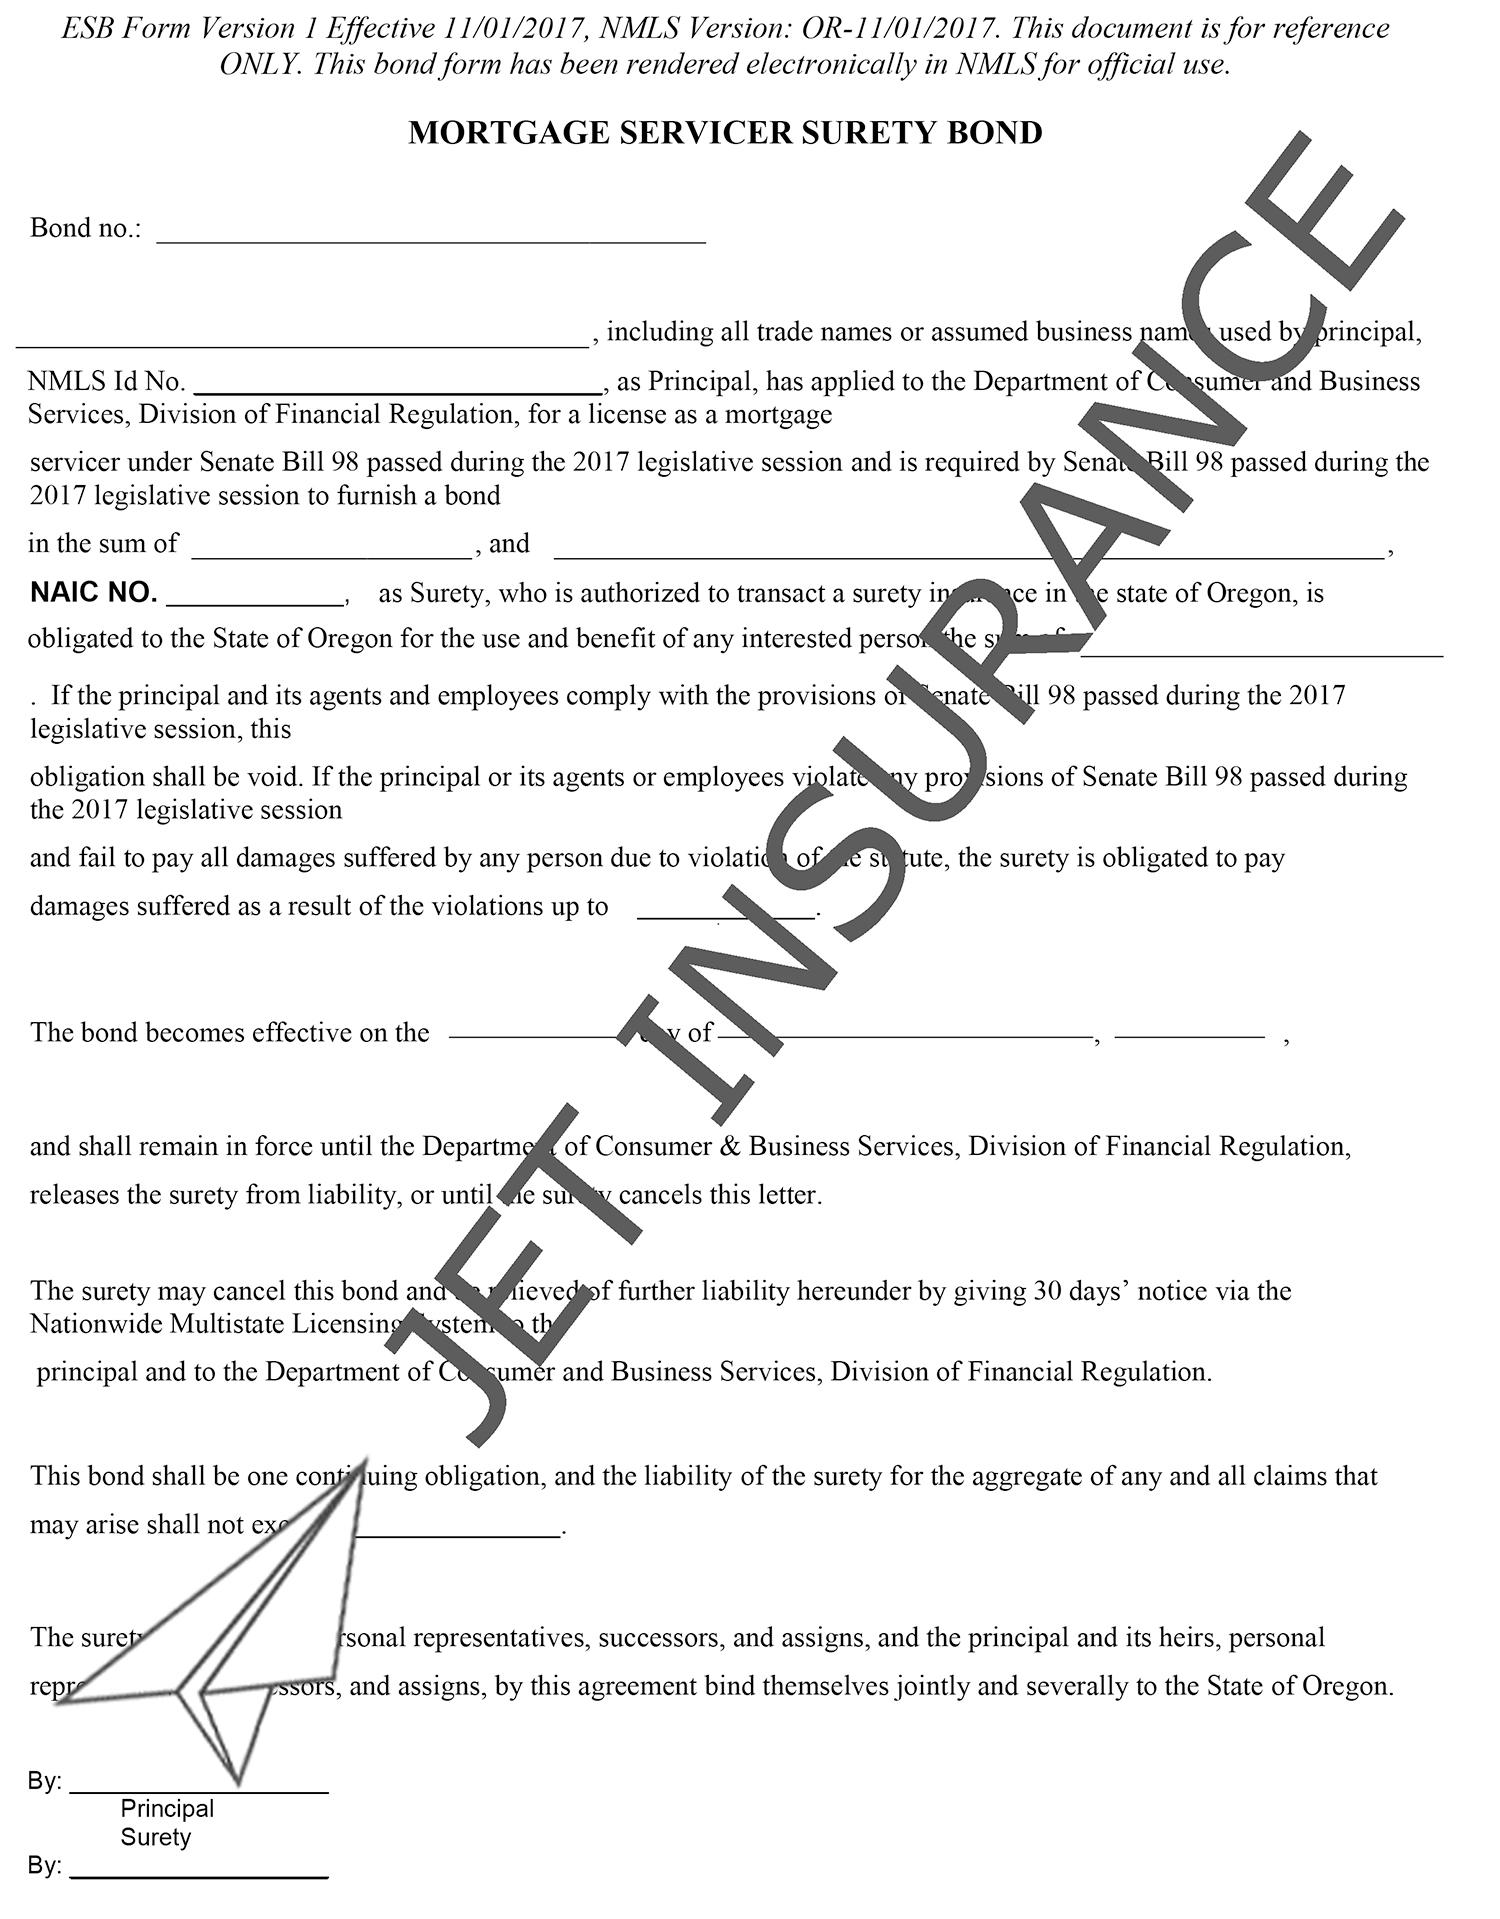 Oregon Mortgage Servicer Bond Form